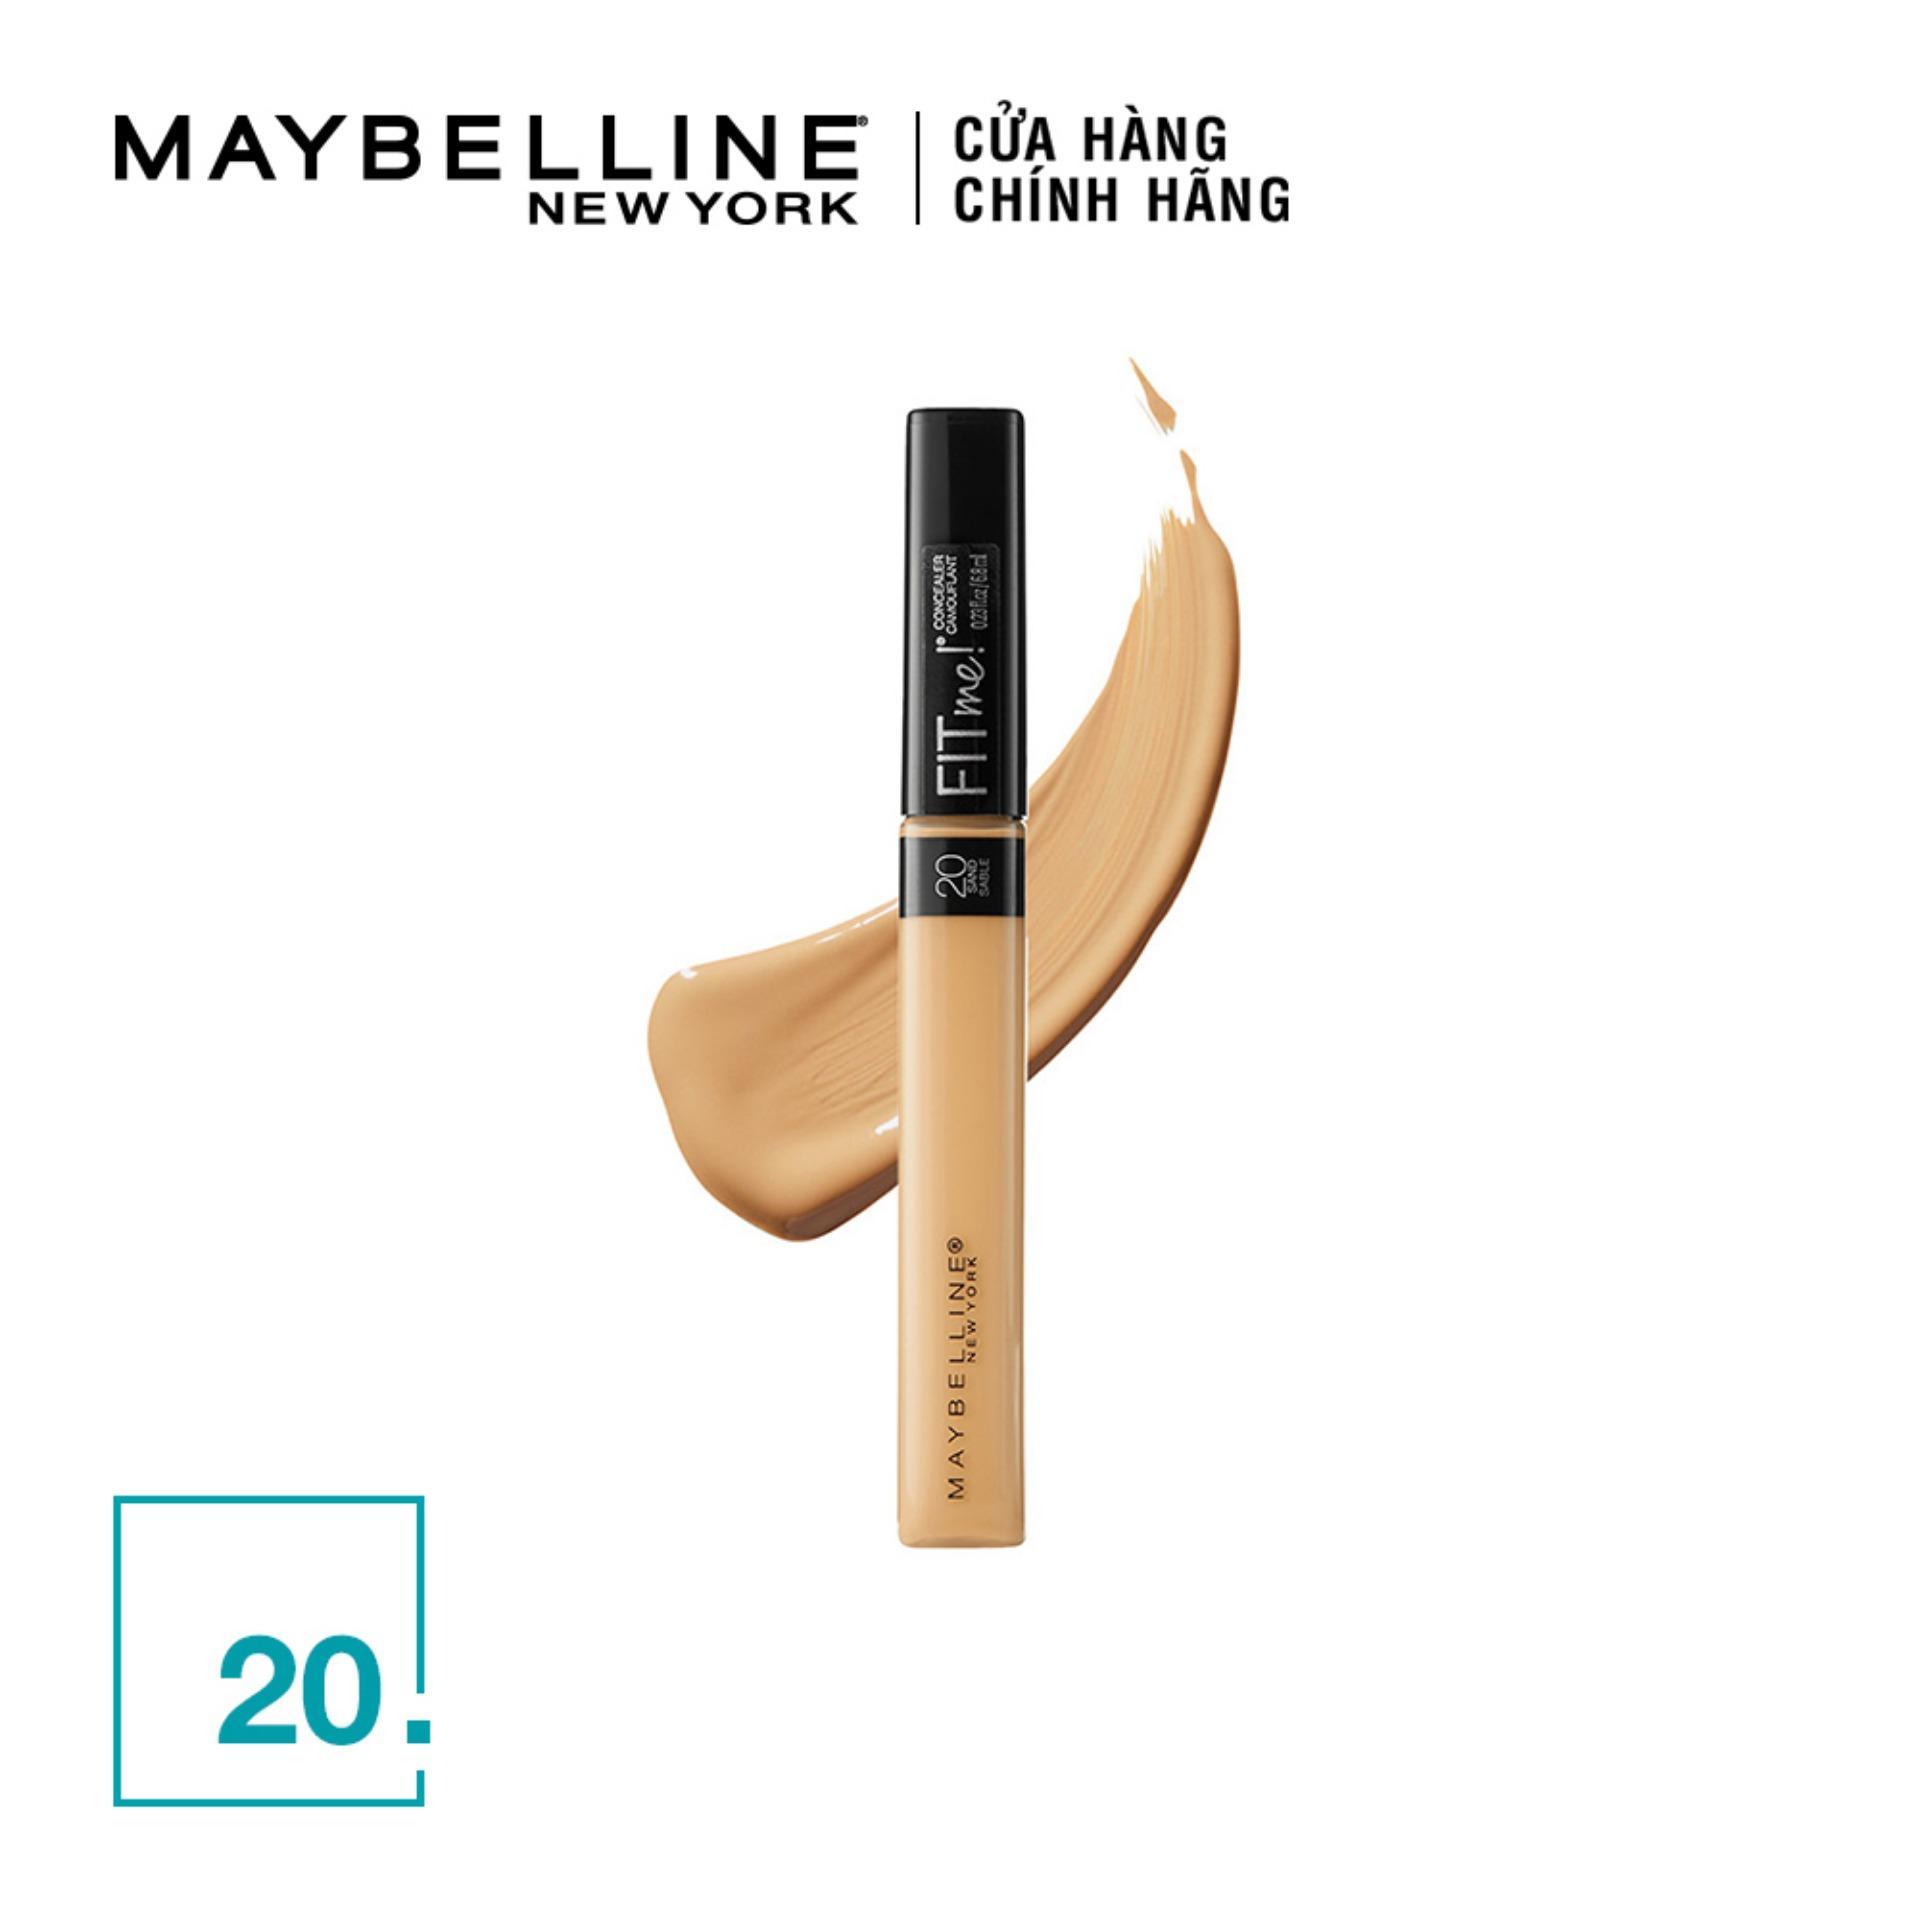 [TOP BÁN CHẠY] Kem che khuyết điểm đa năng Maybelline New York Fit Me Concealer 6.8ml cao cấp